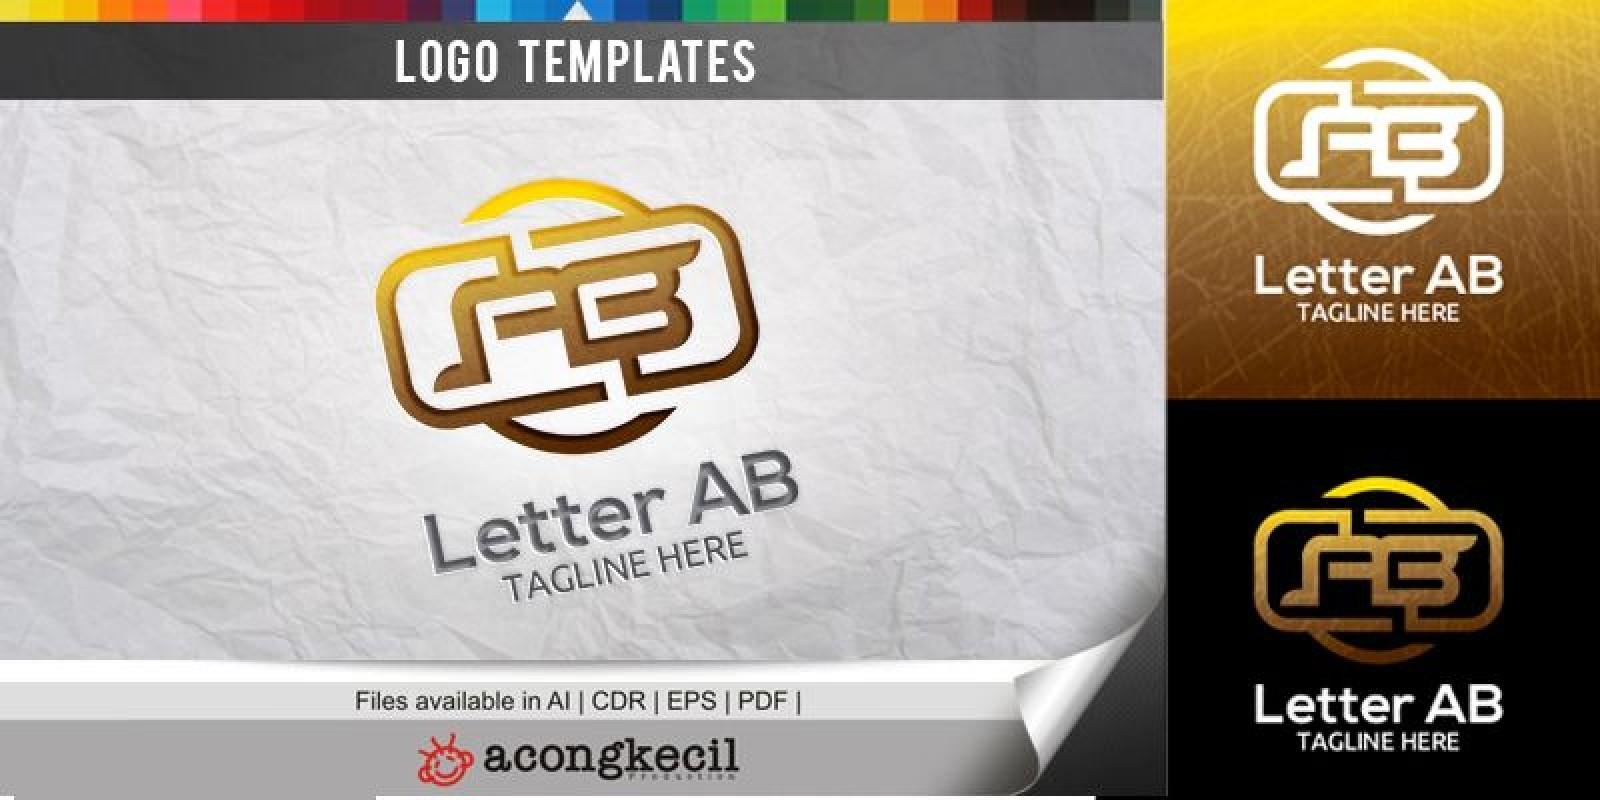 Letter AB V1 - Logo Template